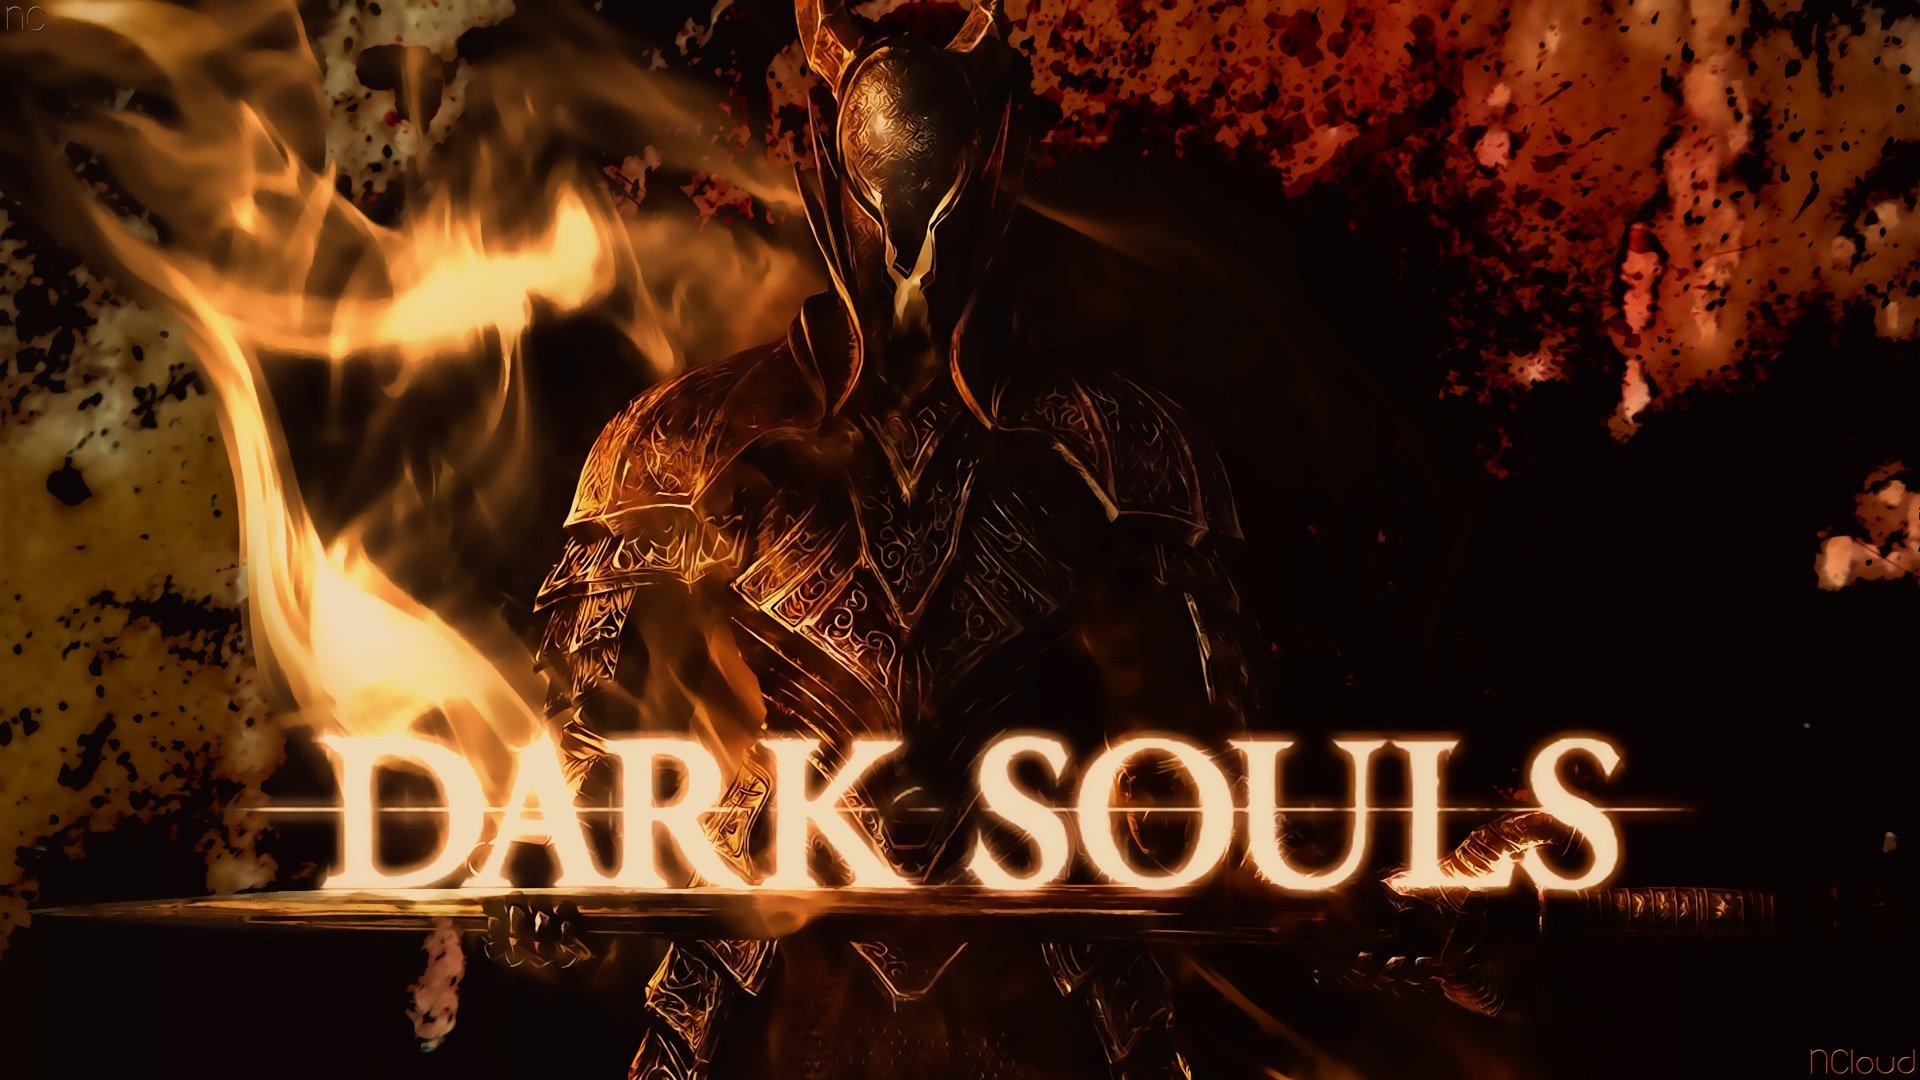 Тысячи людей подписали петицию против поддержки Games for Windows-LIVE на Dark Souls PC. Вот сайт где можно оформить ... - Изображение 1